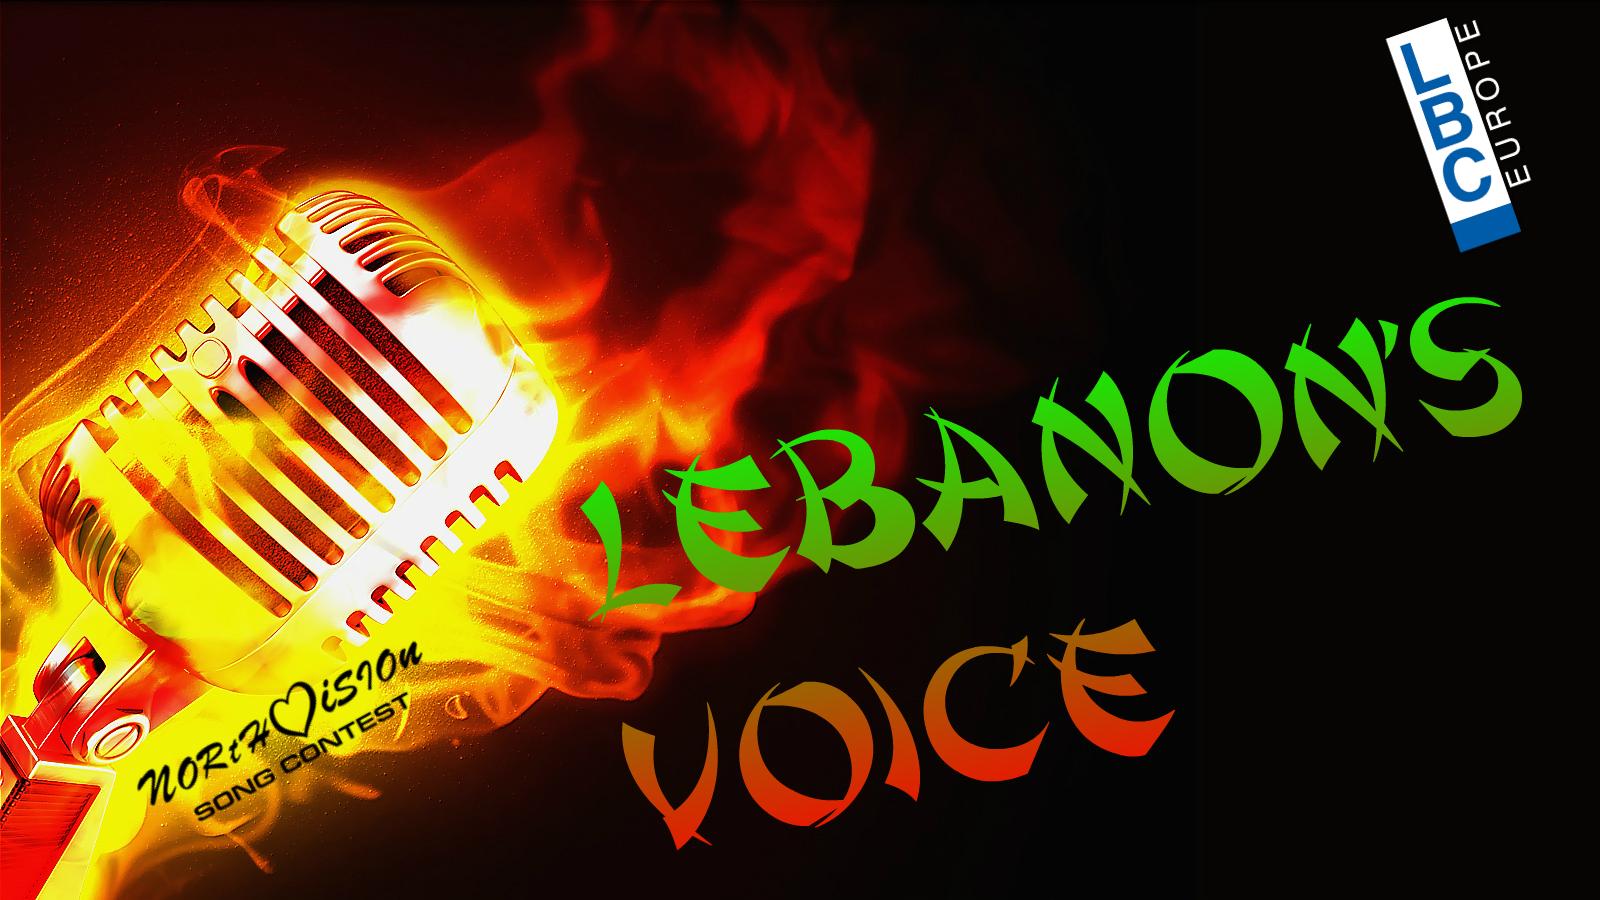 Lebanon's Voice 14